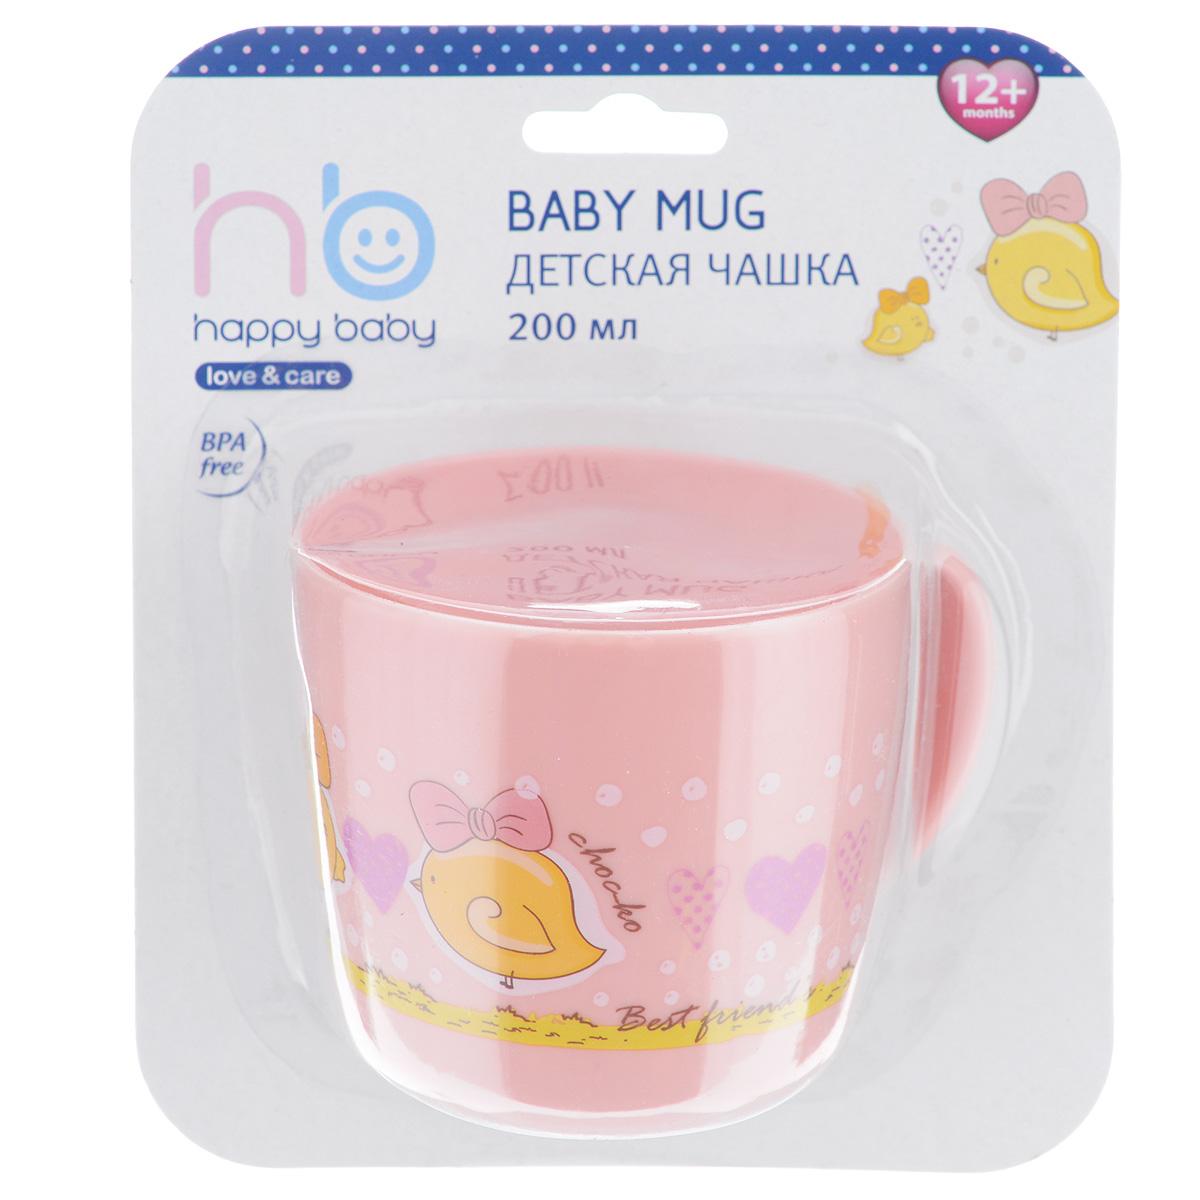 Детская чашка Happy Baby, цвет: розовый. 15006 happy baby ванна детская bath comfort аквамарин арт 34005